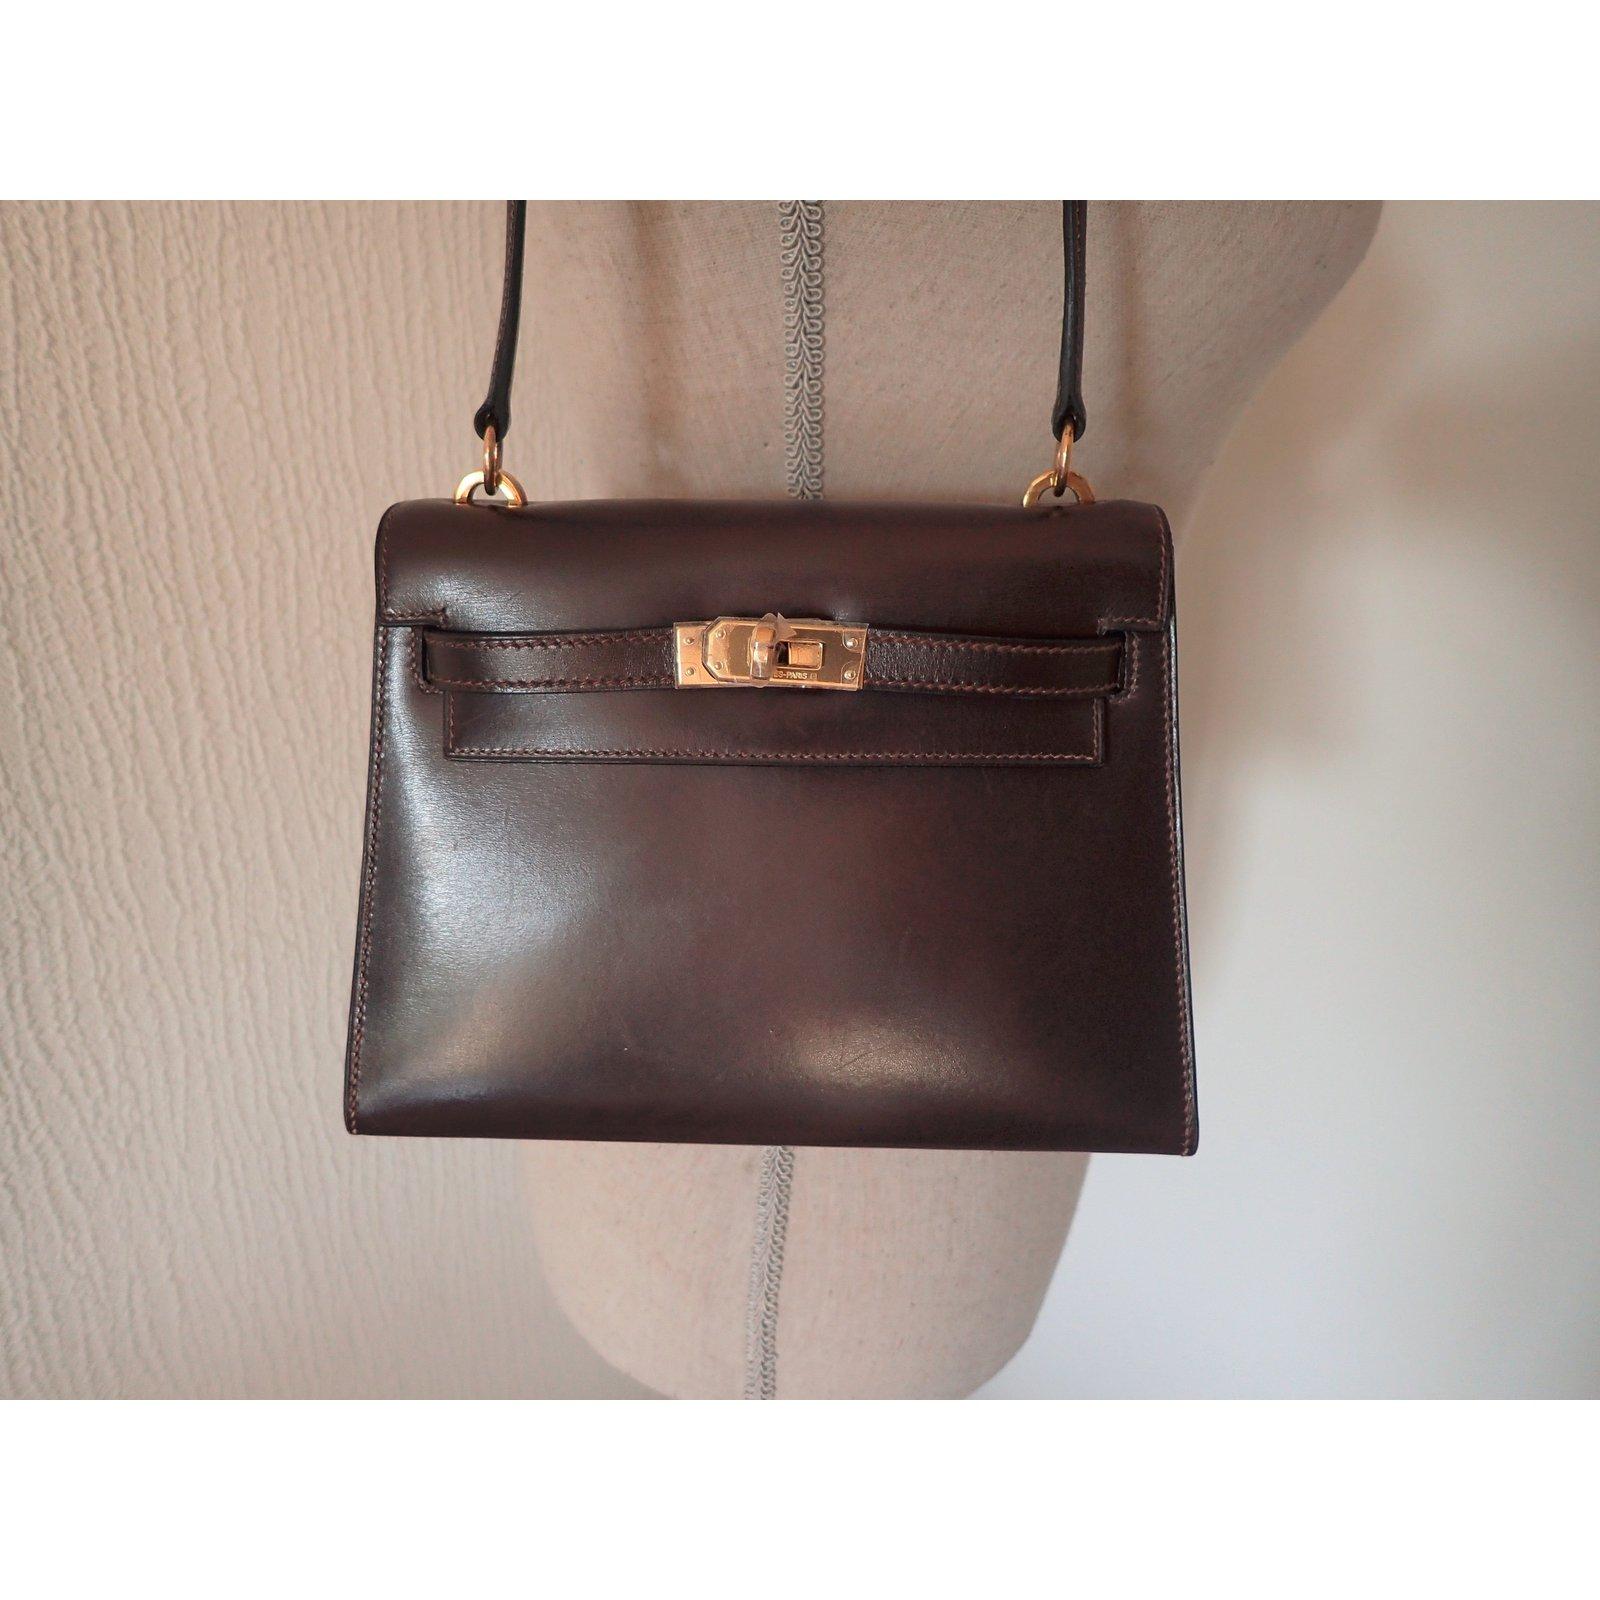 Kelly Brown Handbags Nz Ahoy Comics